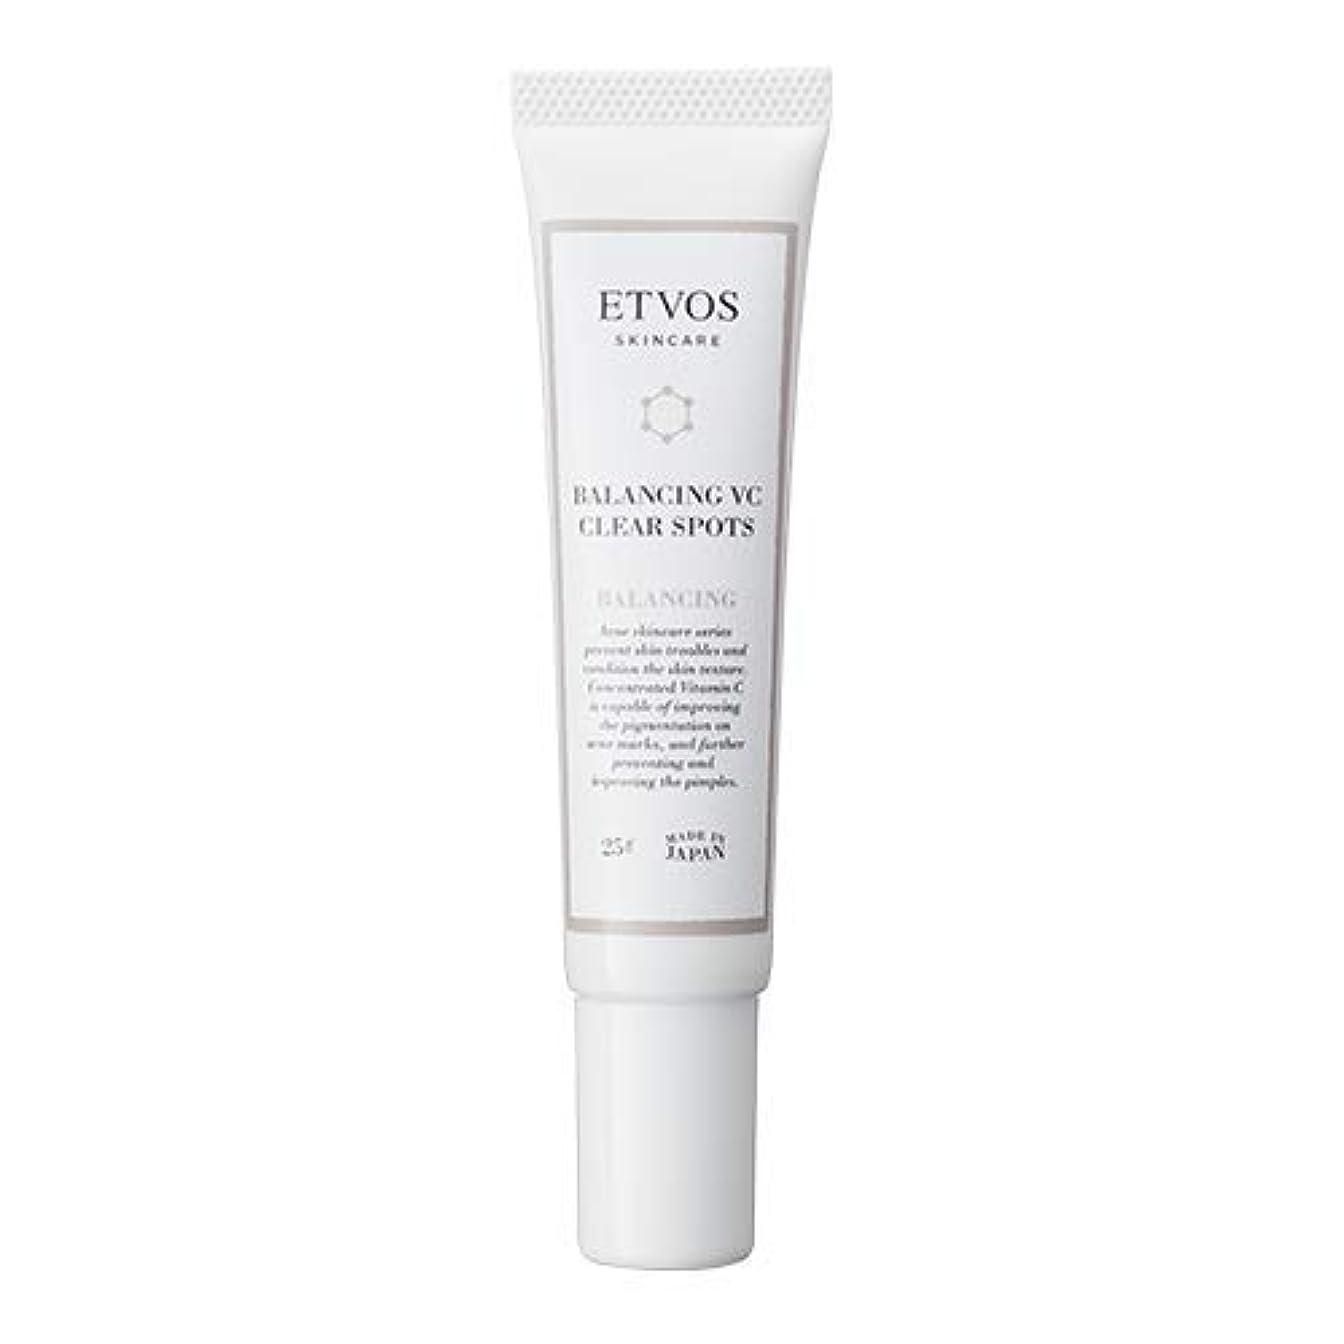 接触雪の脚ETVOS(エトヴォス) 肌荒れ防止美容液 バランシングVCクリアスポッツ 25g アゼライン酸 おでこ/あご/頭皮